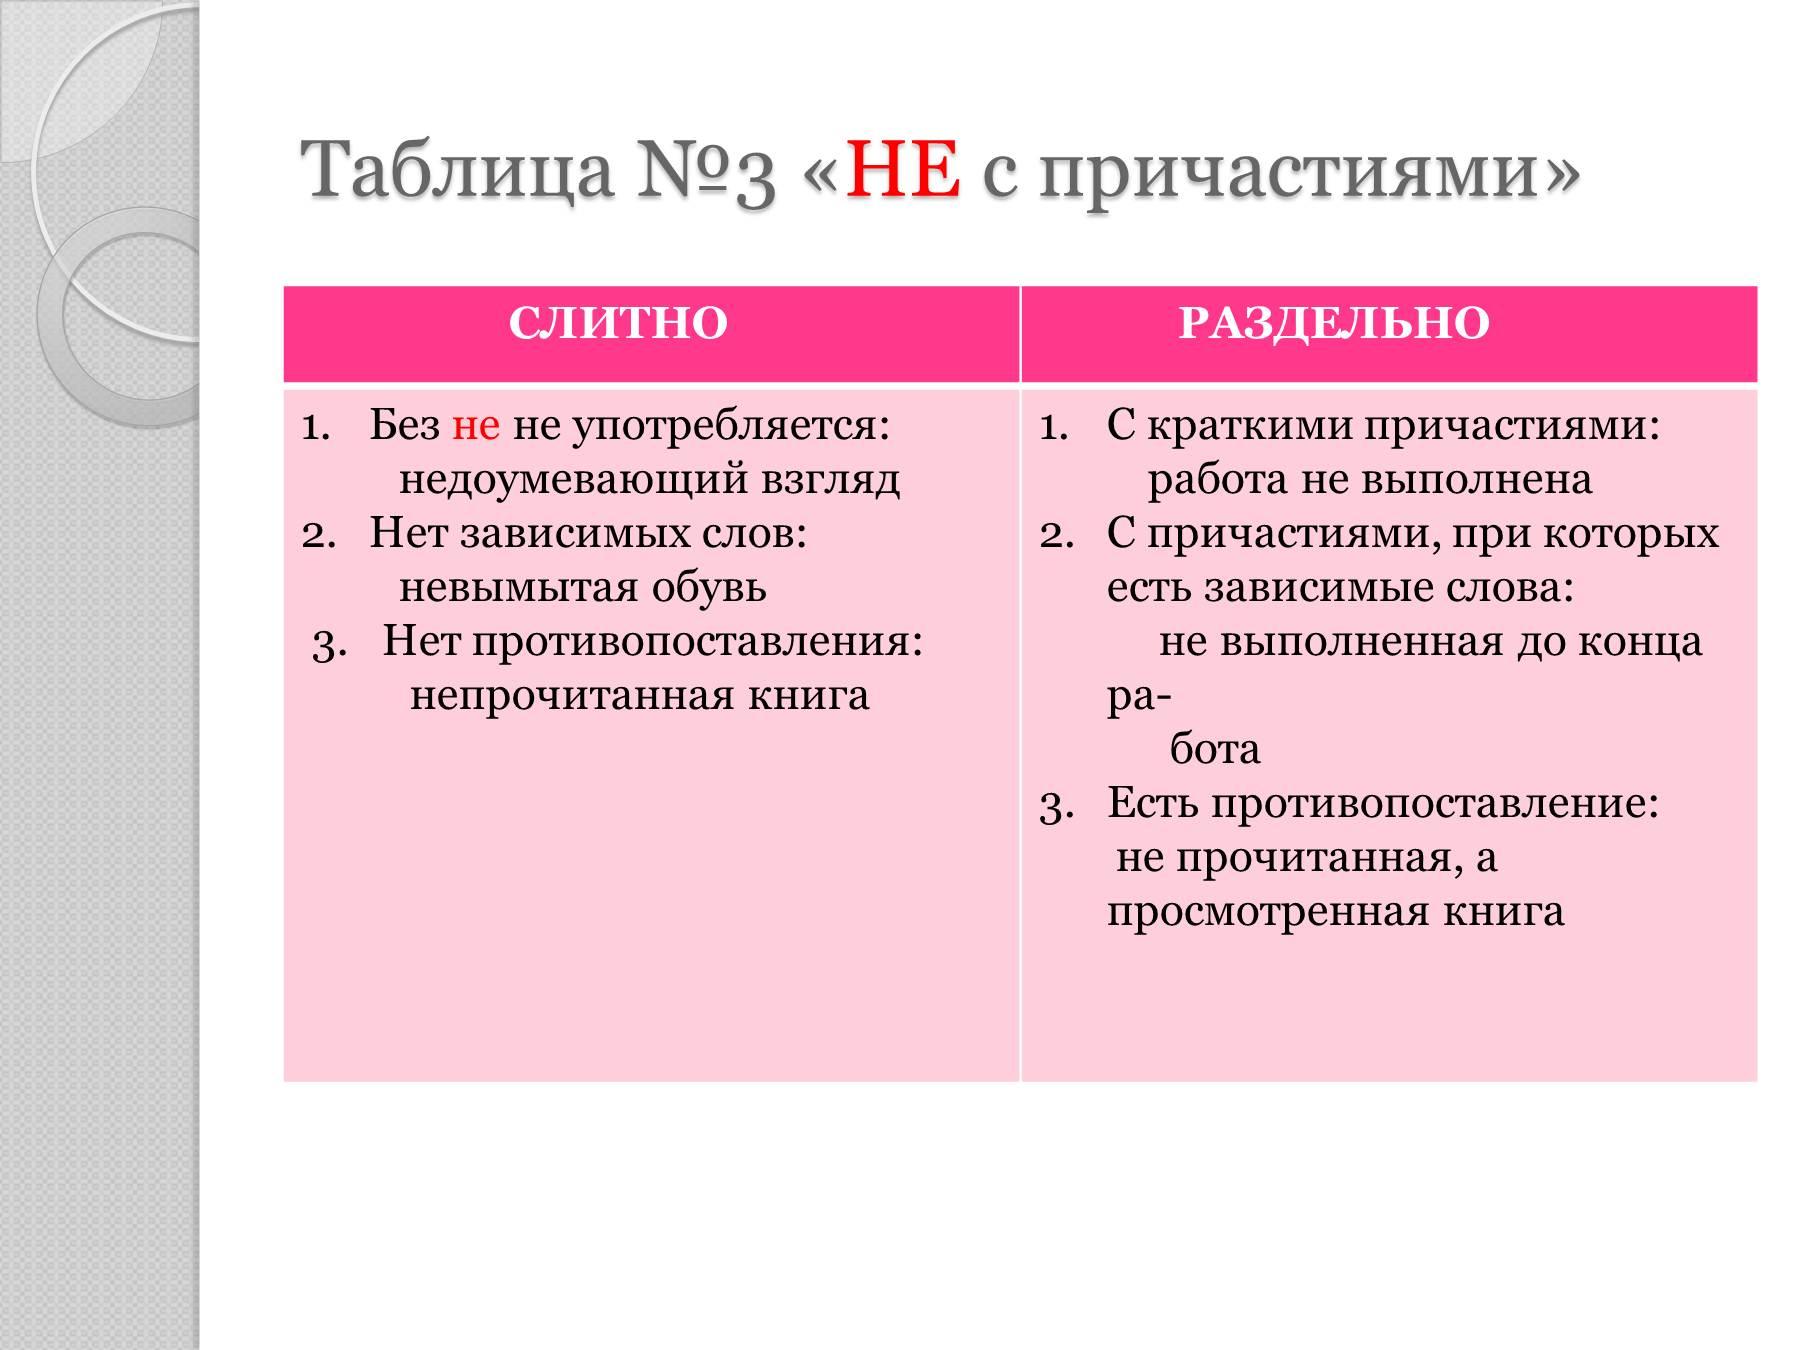 МЕГАТОН ФААМ -1 от Невотон как 31